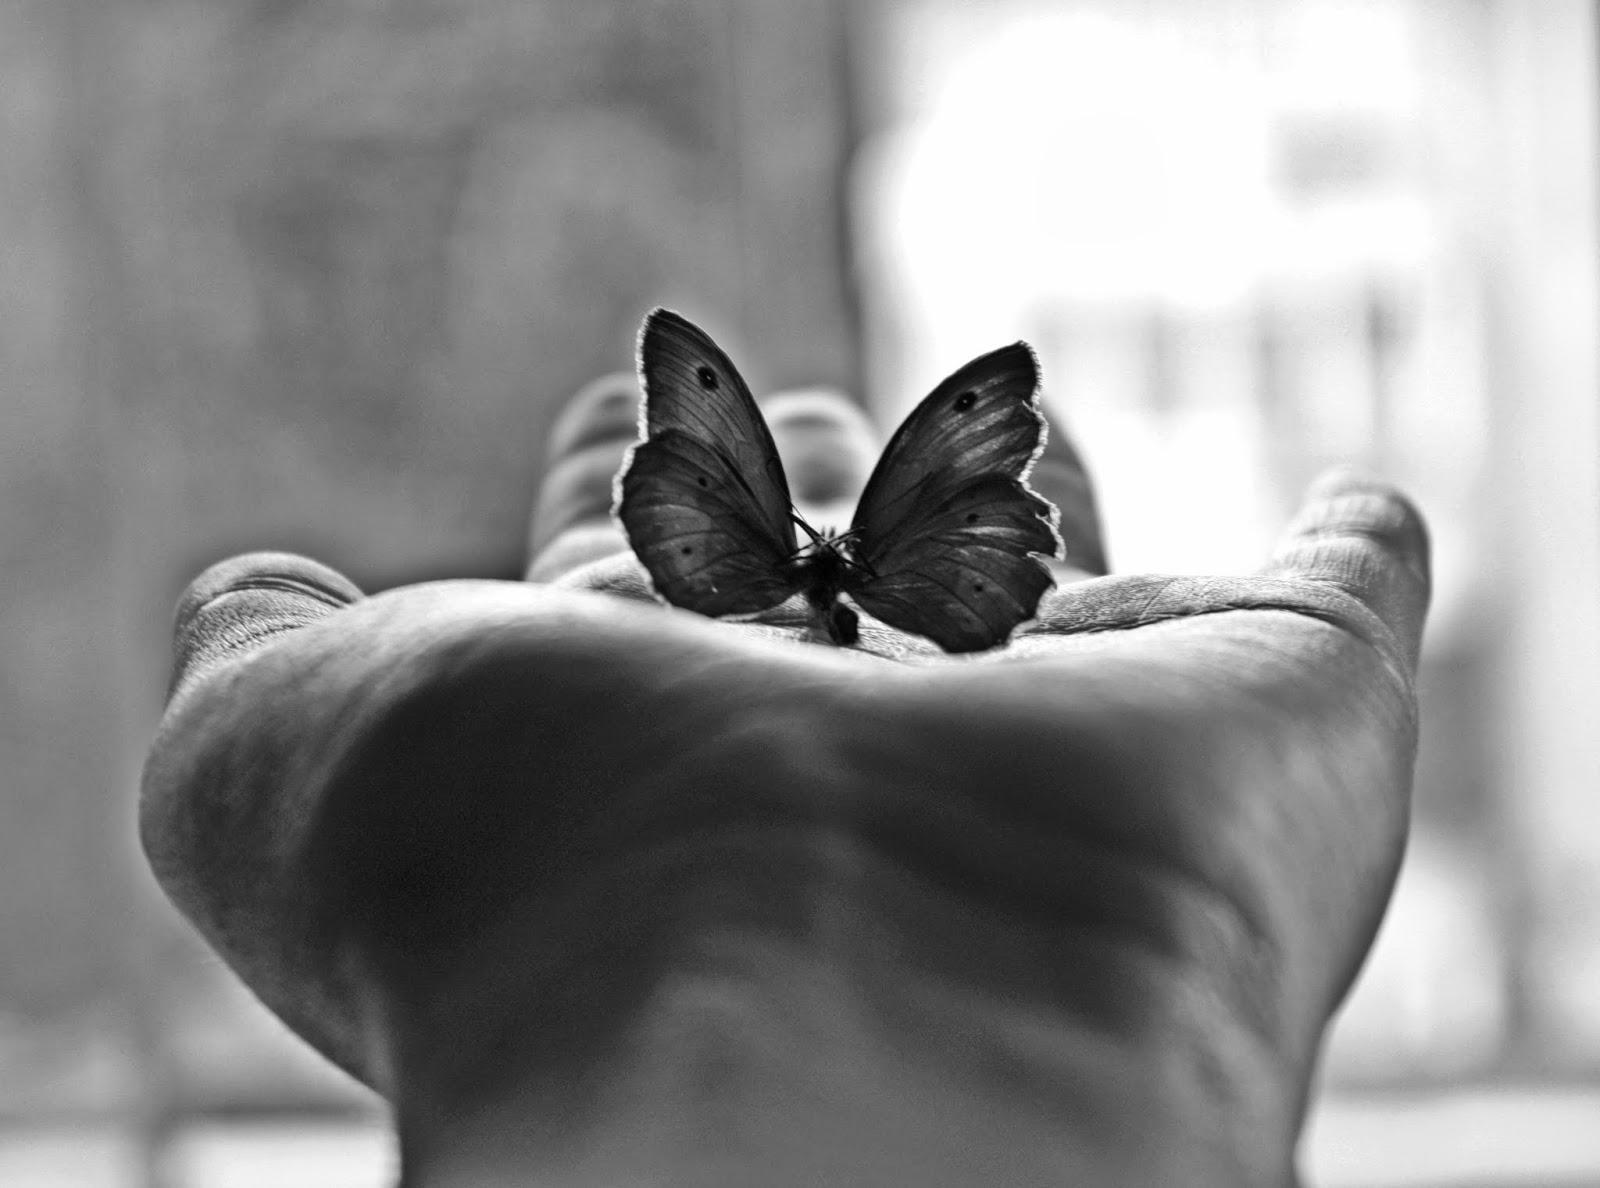 BuongiornoLink - Buongiorno Come un battito d'ali